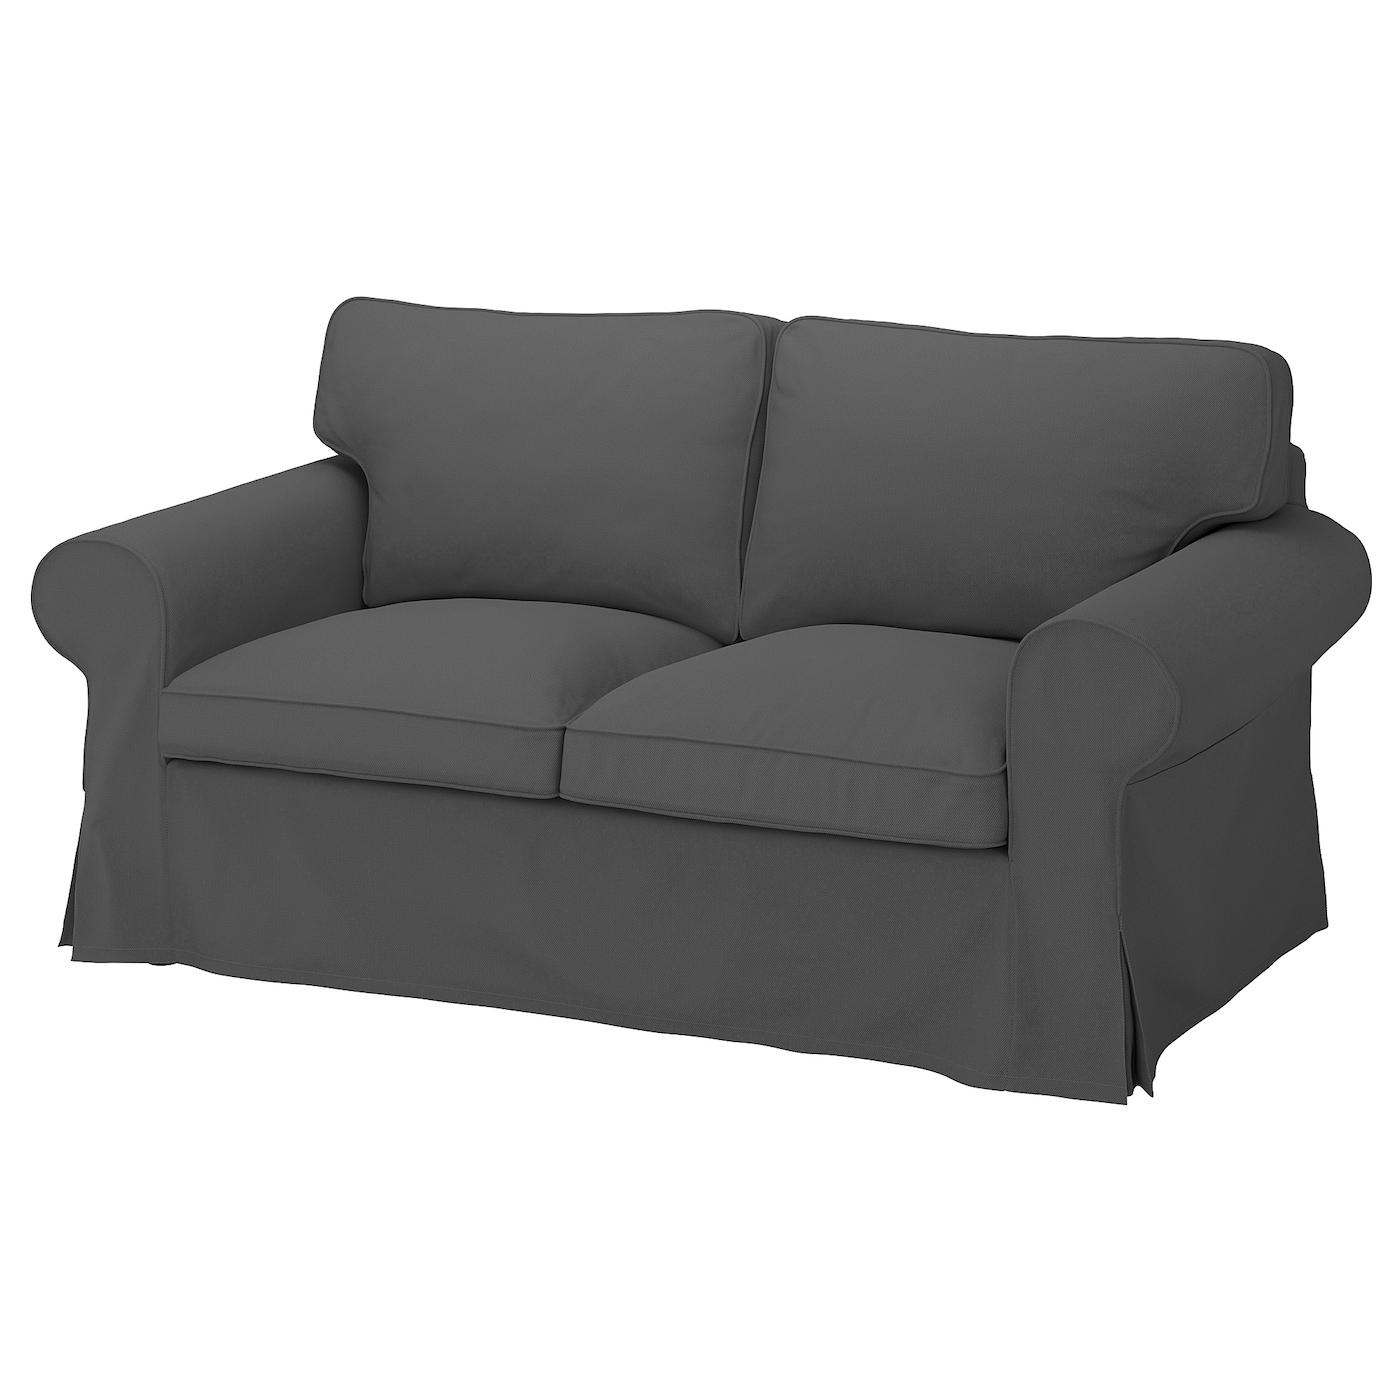 EKTORP 12er Sofa   Hallarp grau